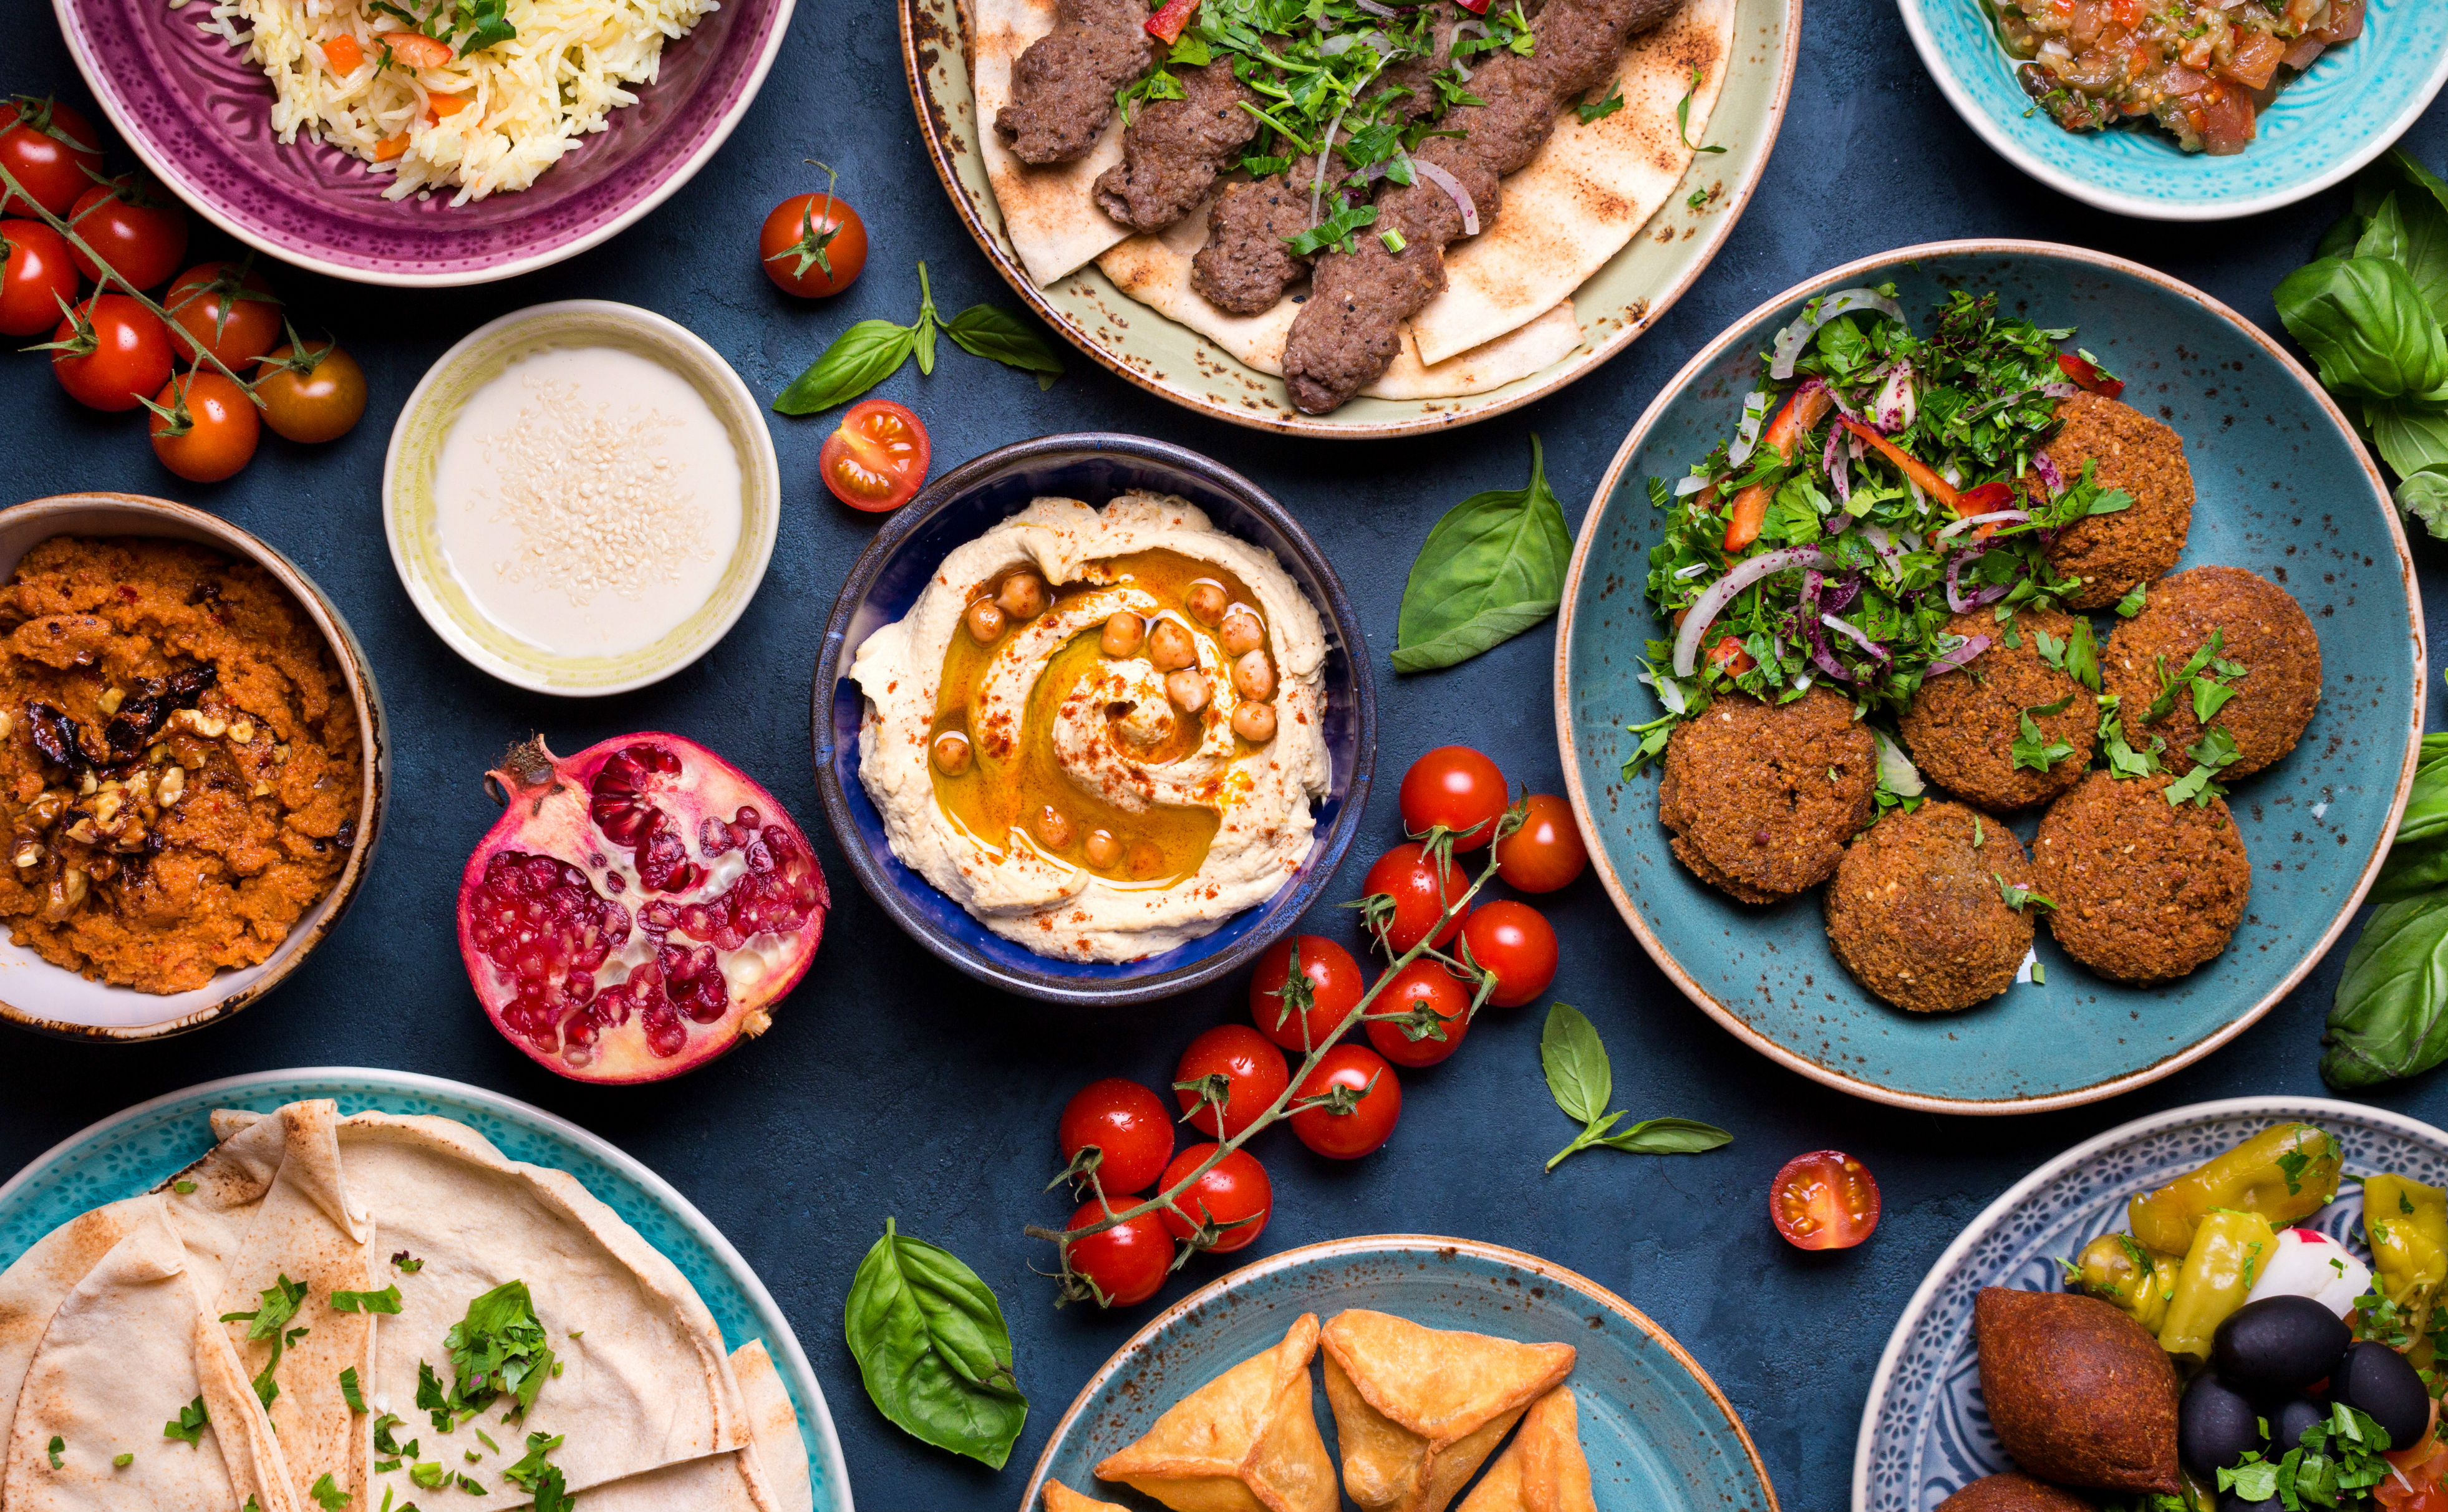 Culinária gourmet 2018: fique por dentro das tendências